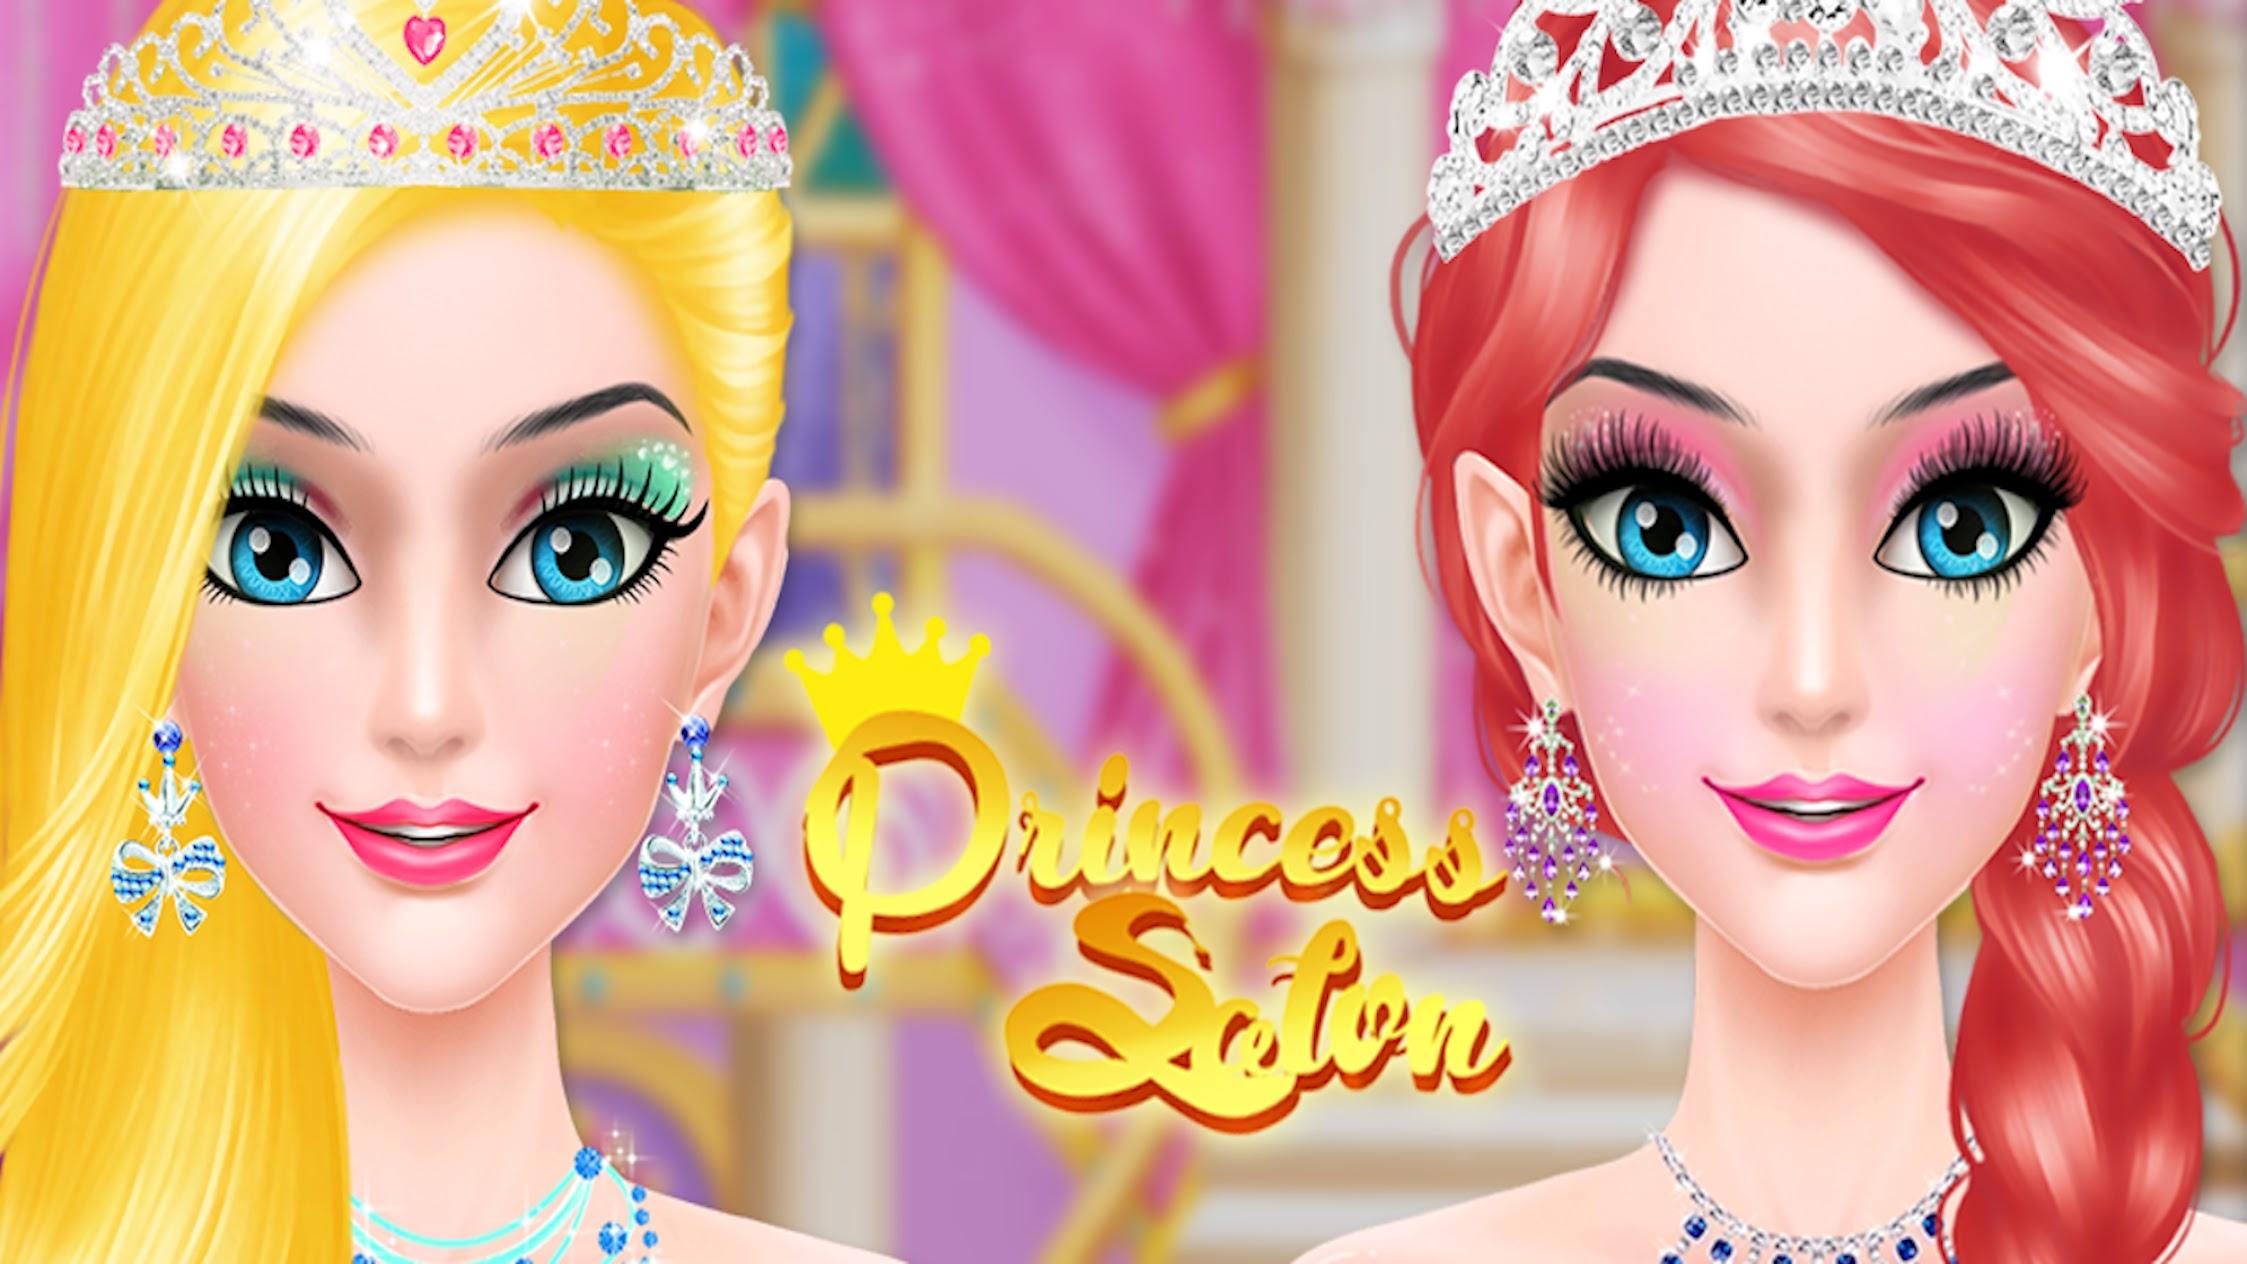 salon games for girls